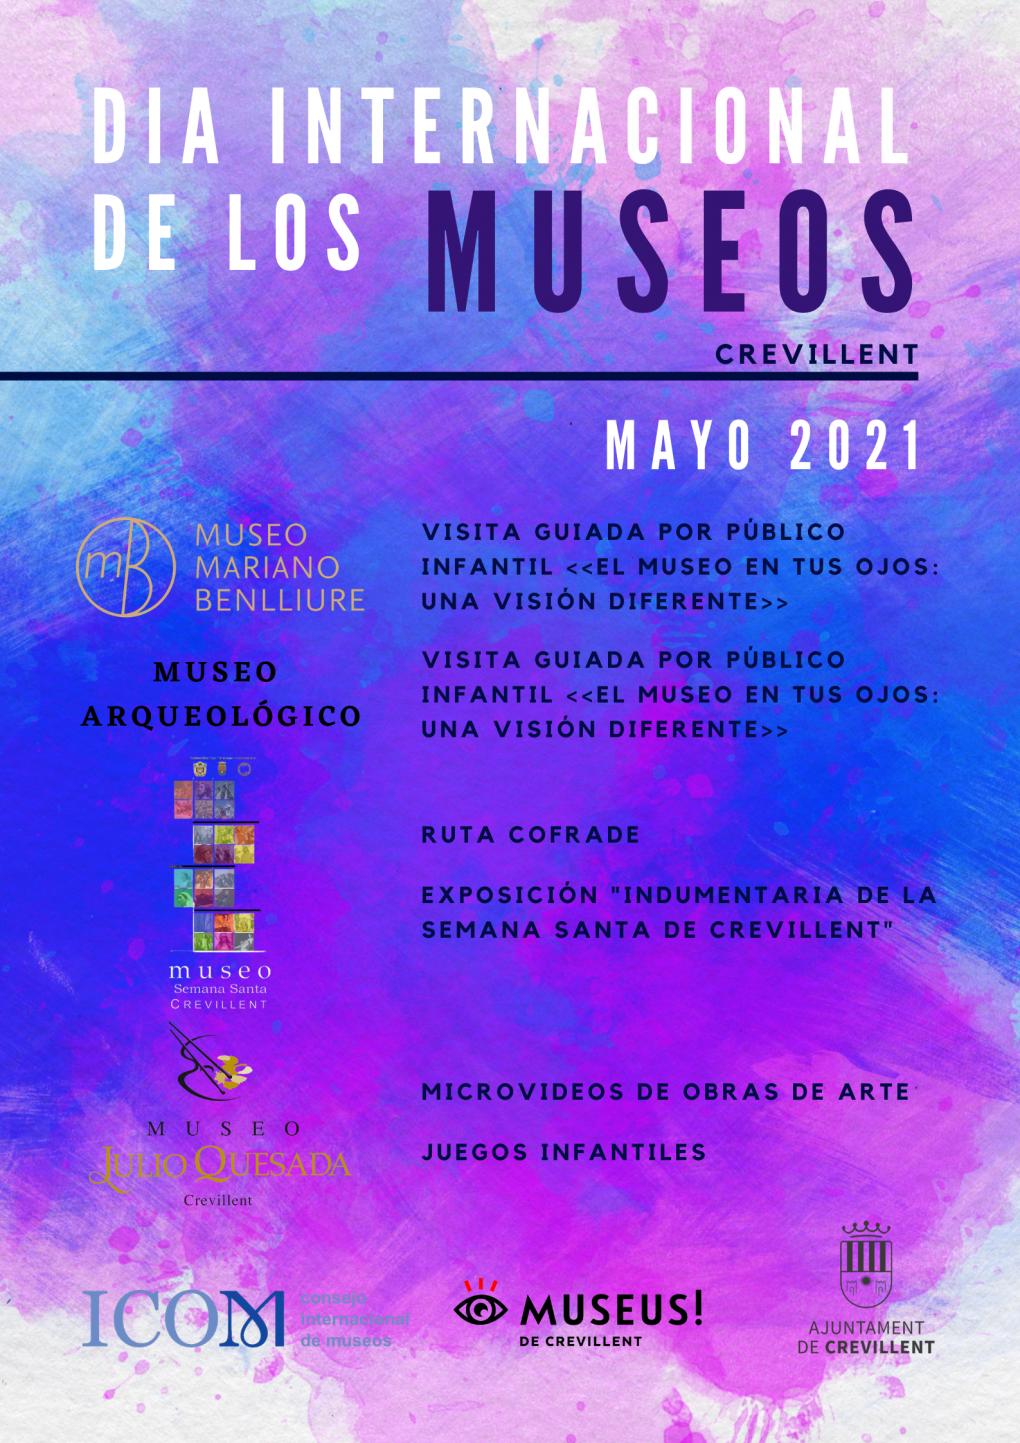 Els museus de Crevillent se sumen a la celebració del Dia Internacional dels Museus